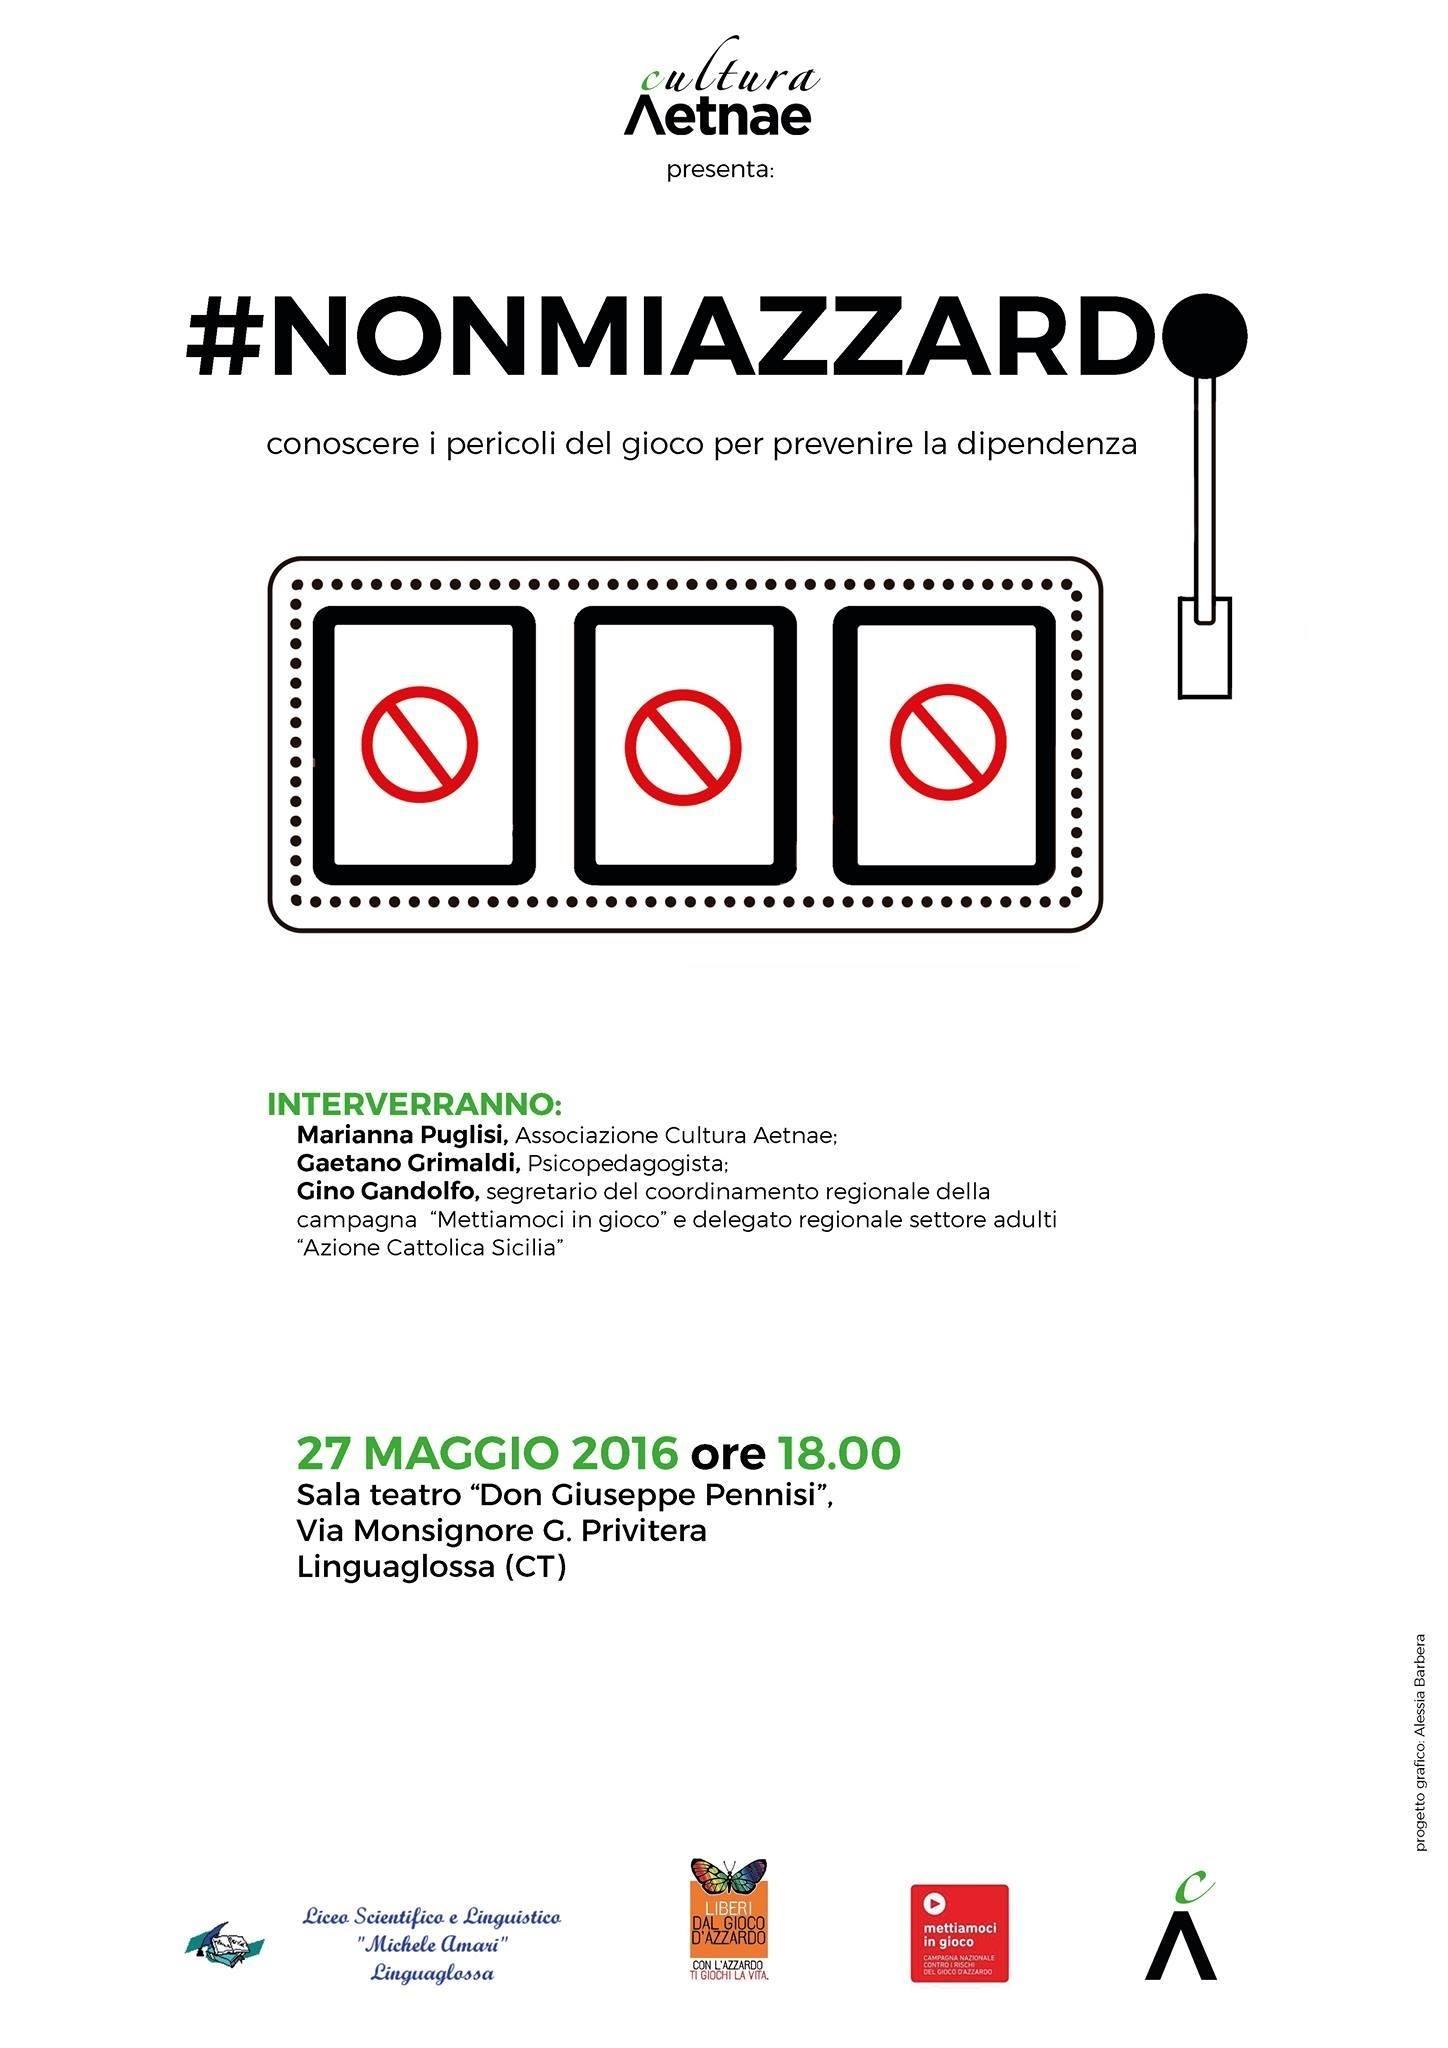 #NonMiAzzardo: conoscere i pericoli del gioco per prevenire la dipendenza